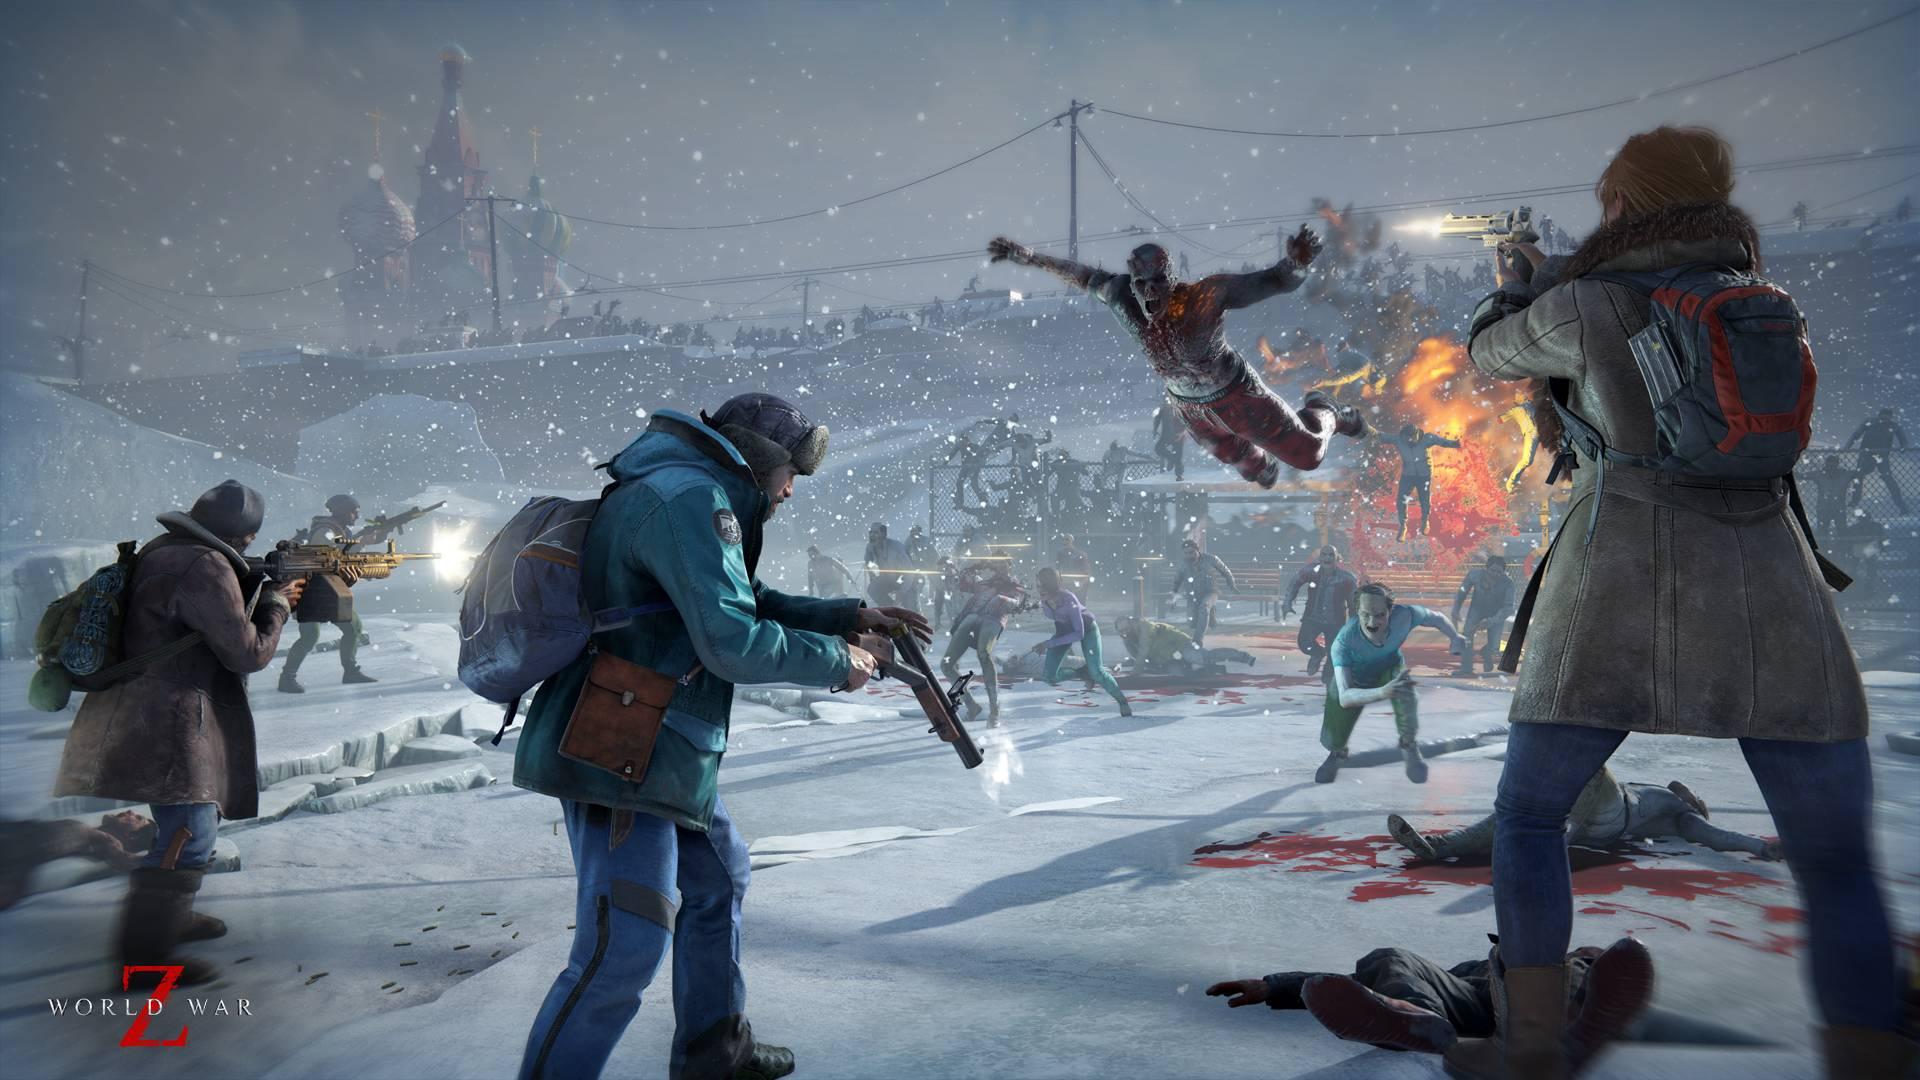 PS4용 슈팅게임 '월드 워 Z' 한국어판 5월 8일 출시